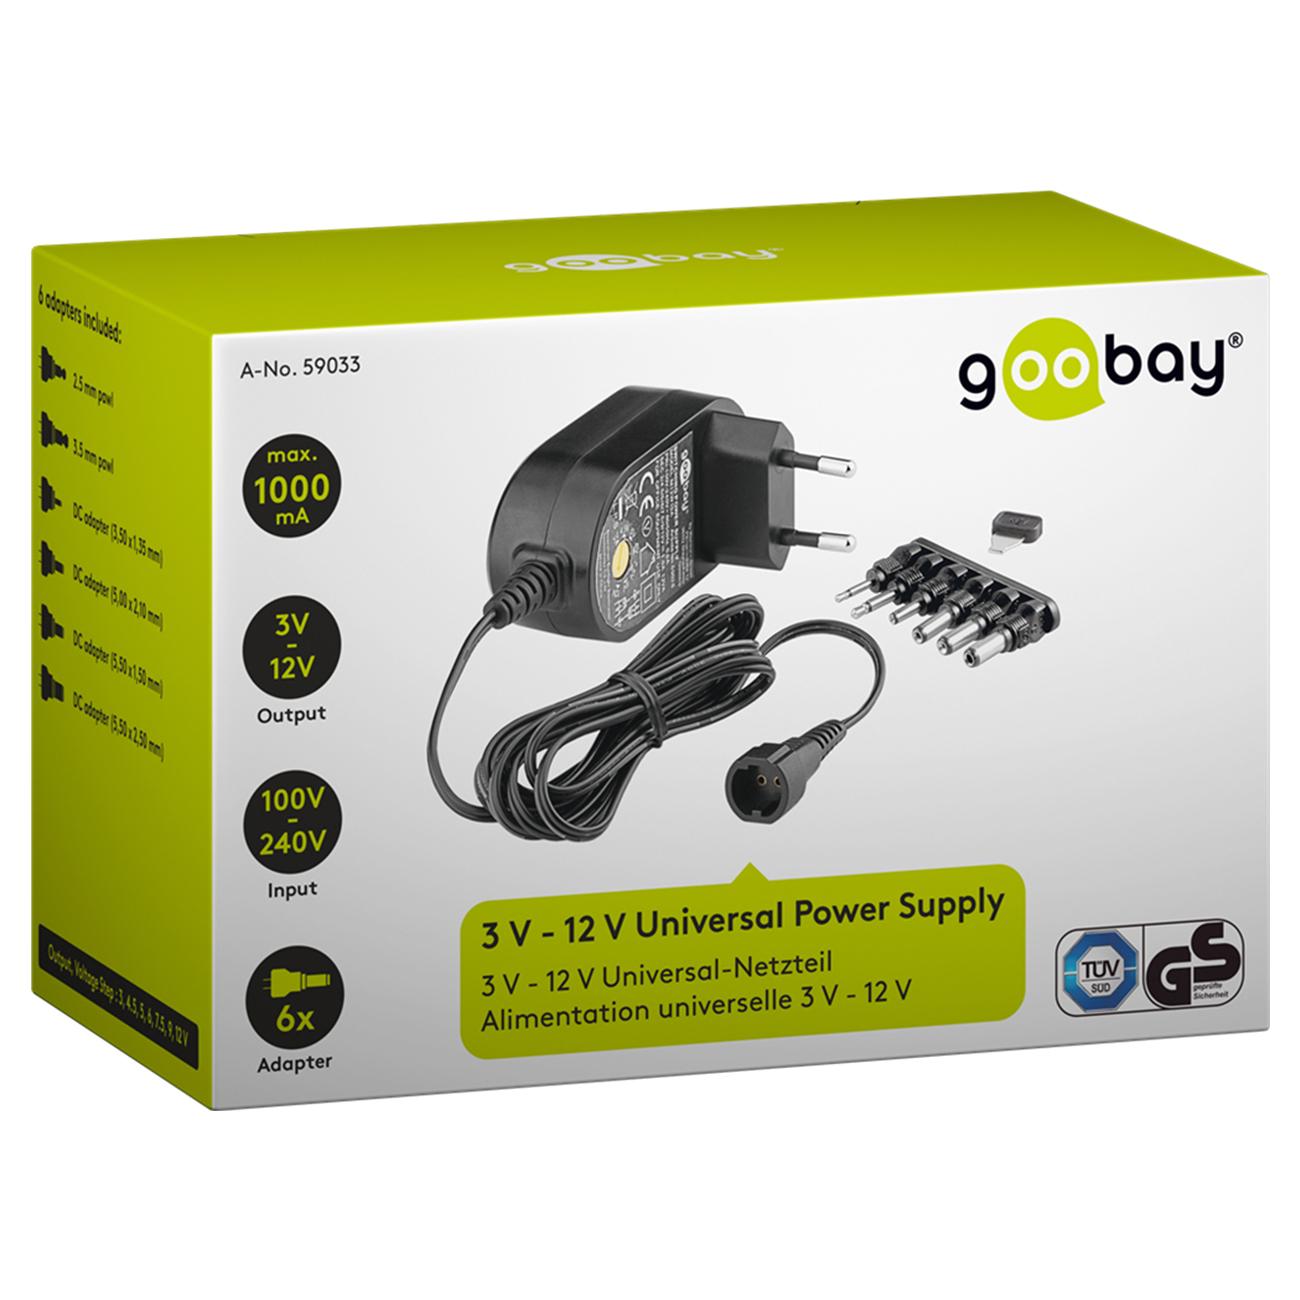 1000ma universal netzteil 12w netzger t ladeger t ladekabel 6x adapter 3v 12v ebay. Black Bedroom Furniture Sets. Home Design Ideas